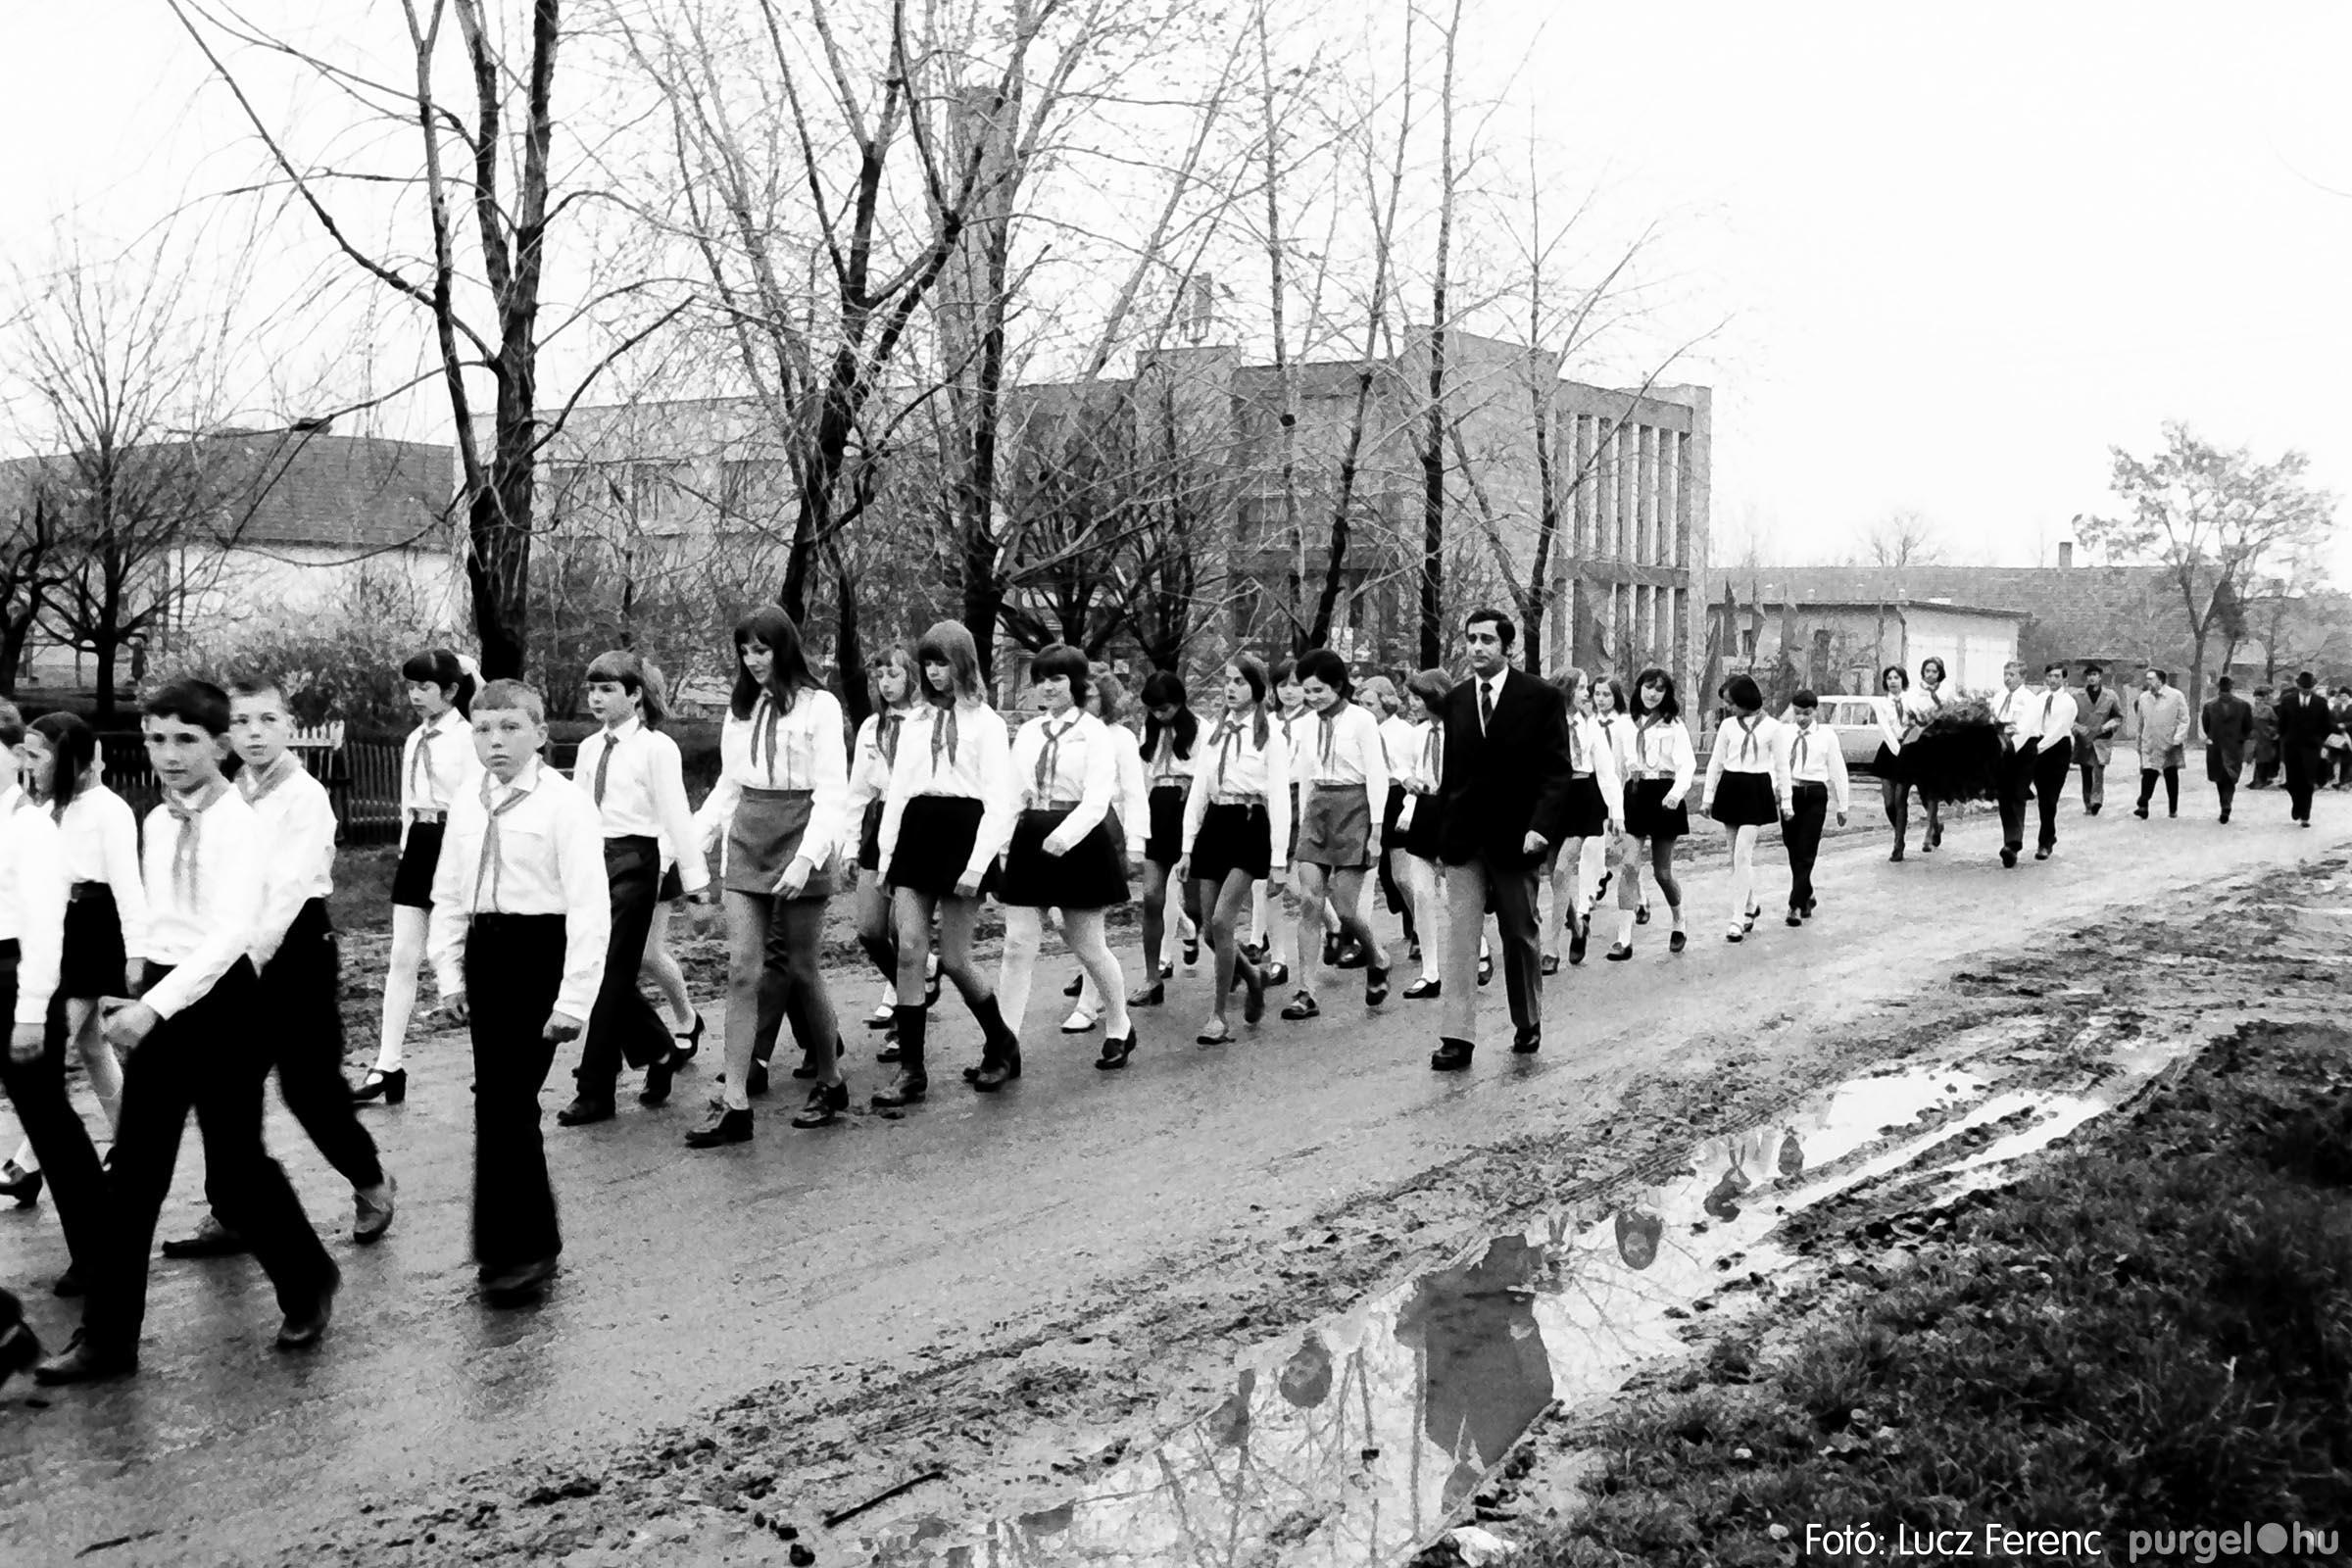 008 1975.04.04. Április 4-i ünnepség 004 - Fotó: Lucz Ferenc IMG00127q.jpg